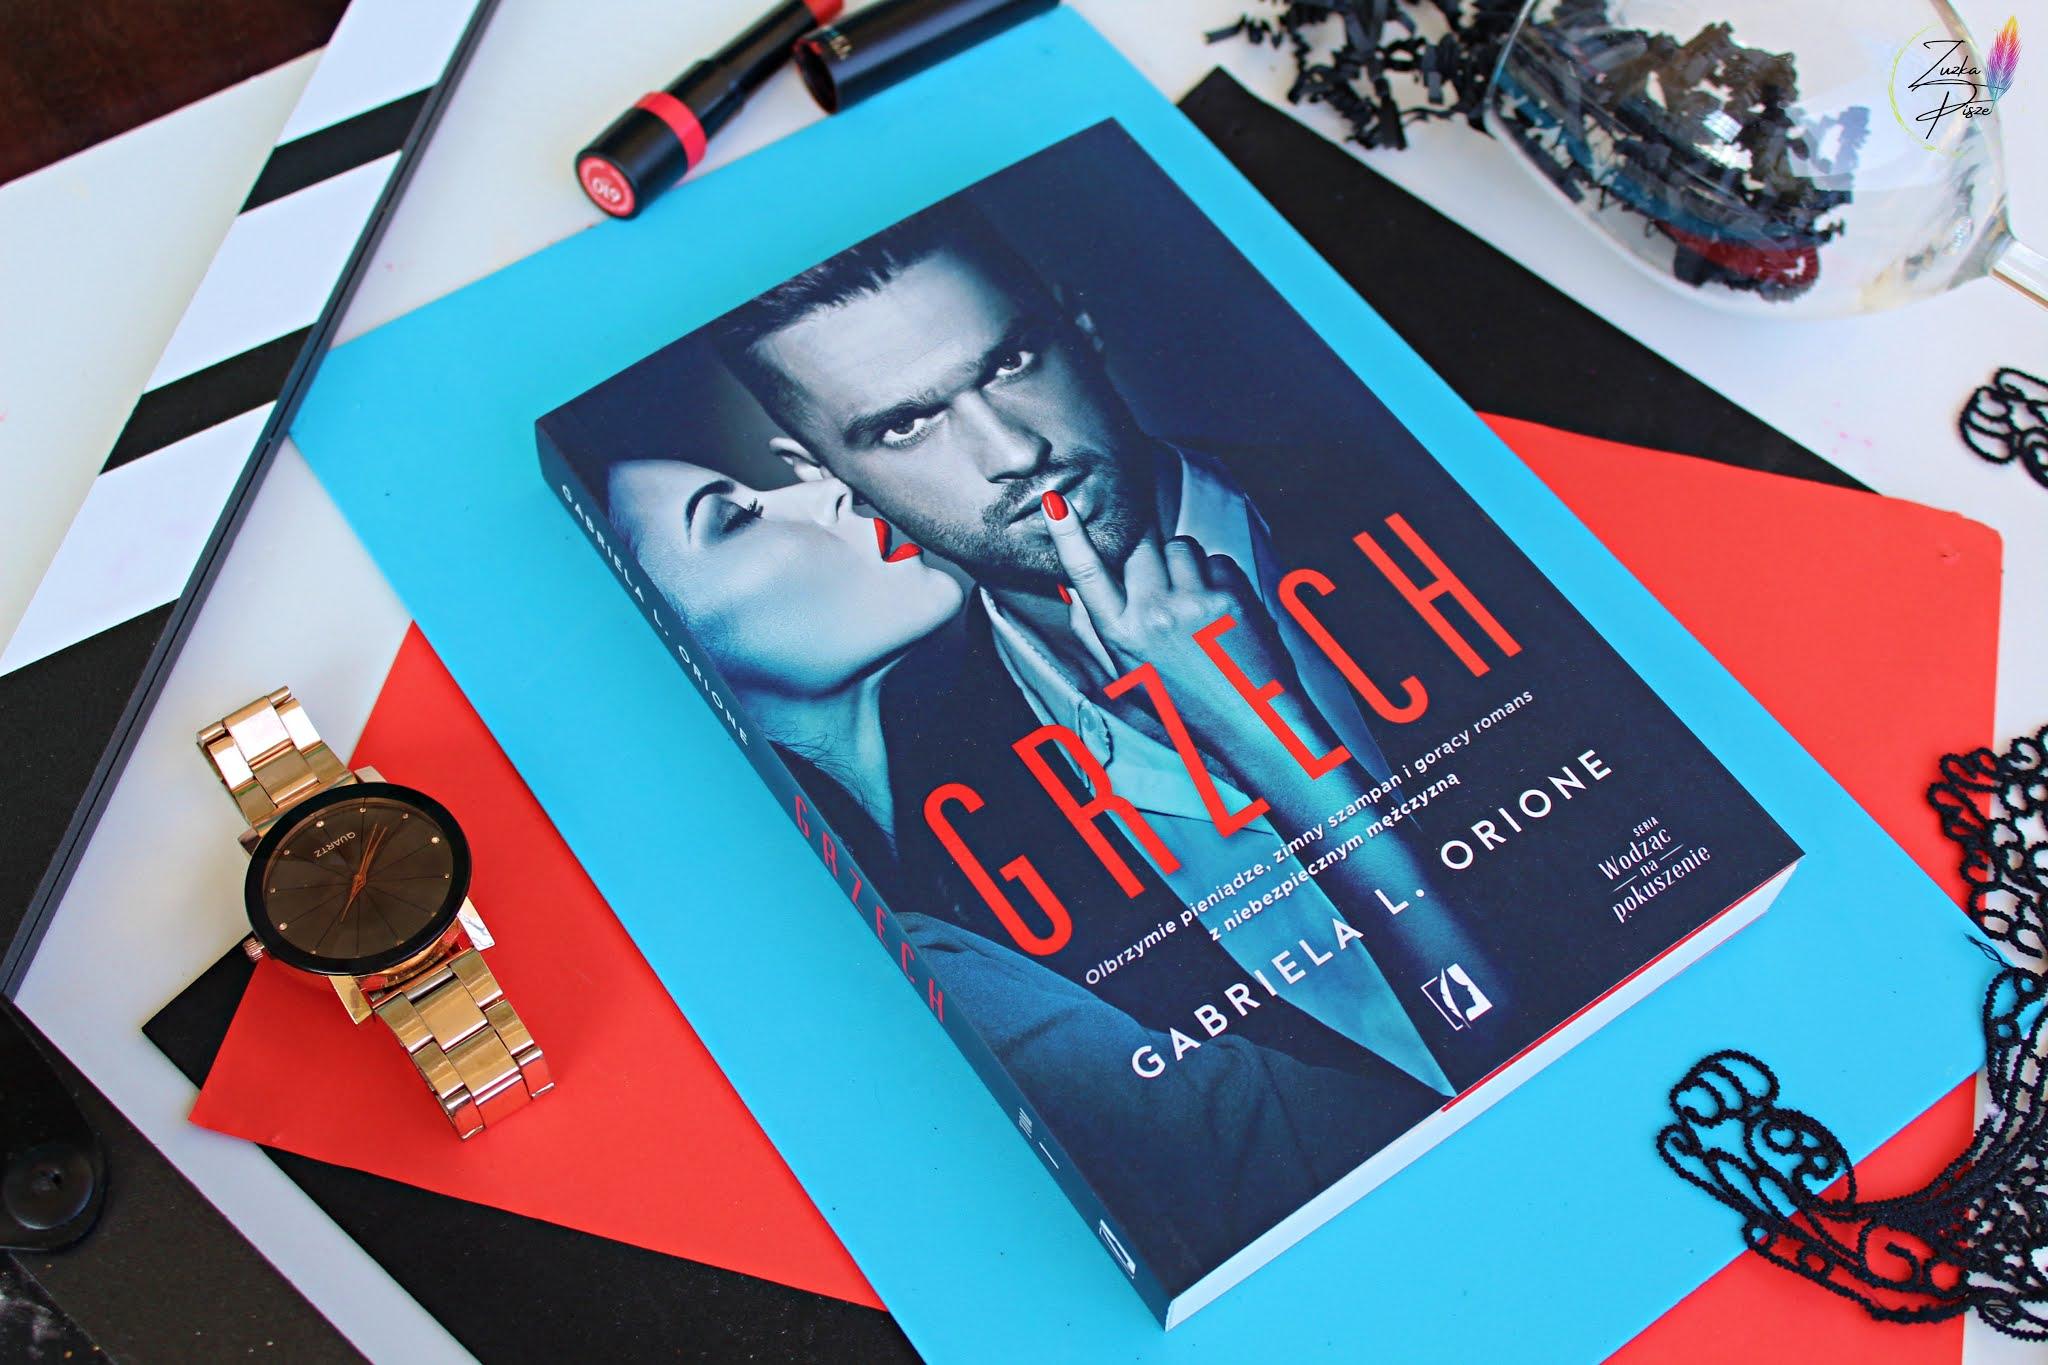 """Gabriela L. Orione """"Grzech"""" - recenzja książki"""